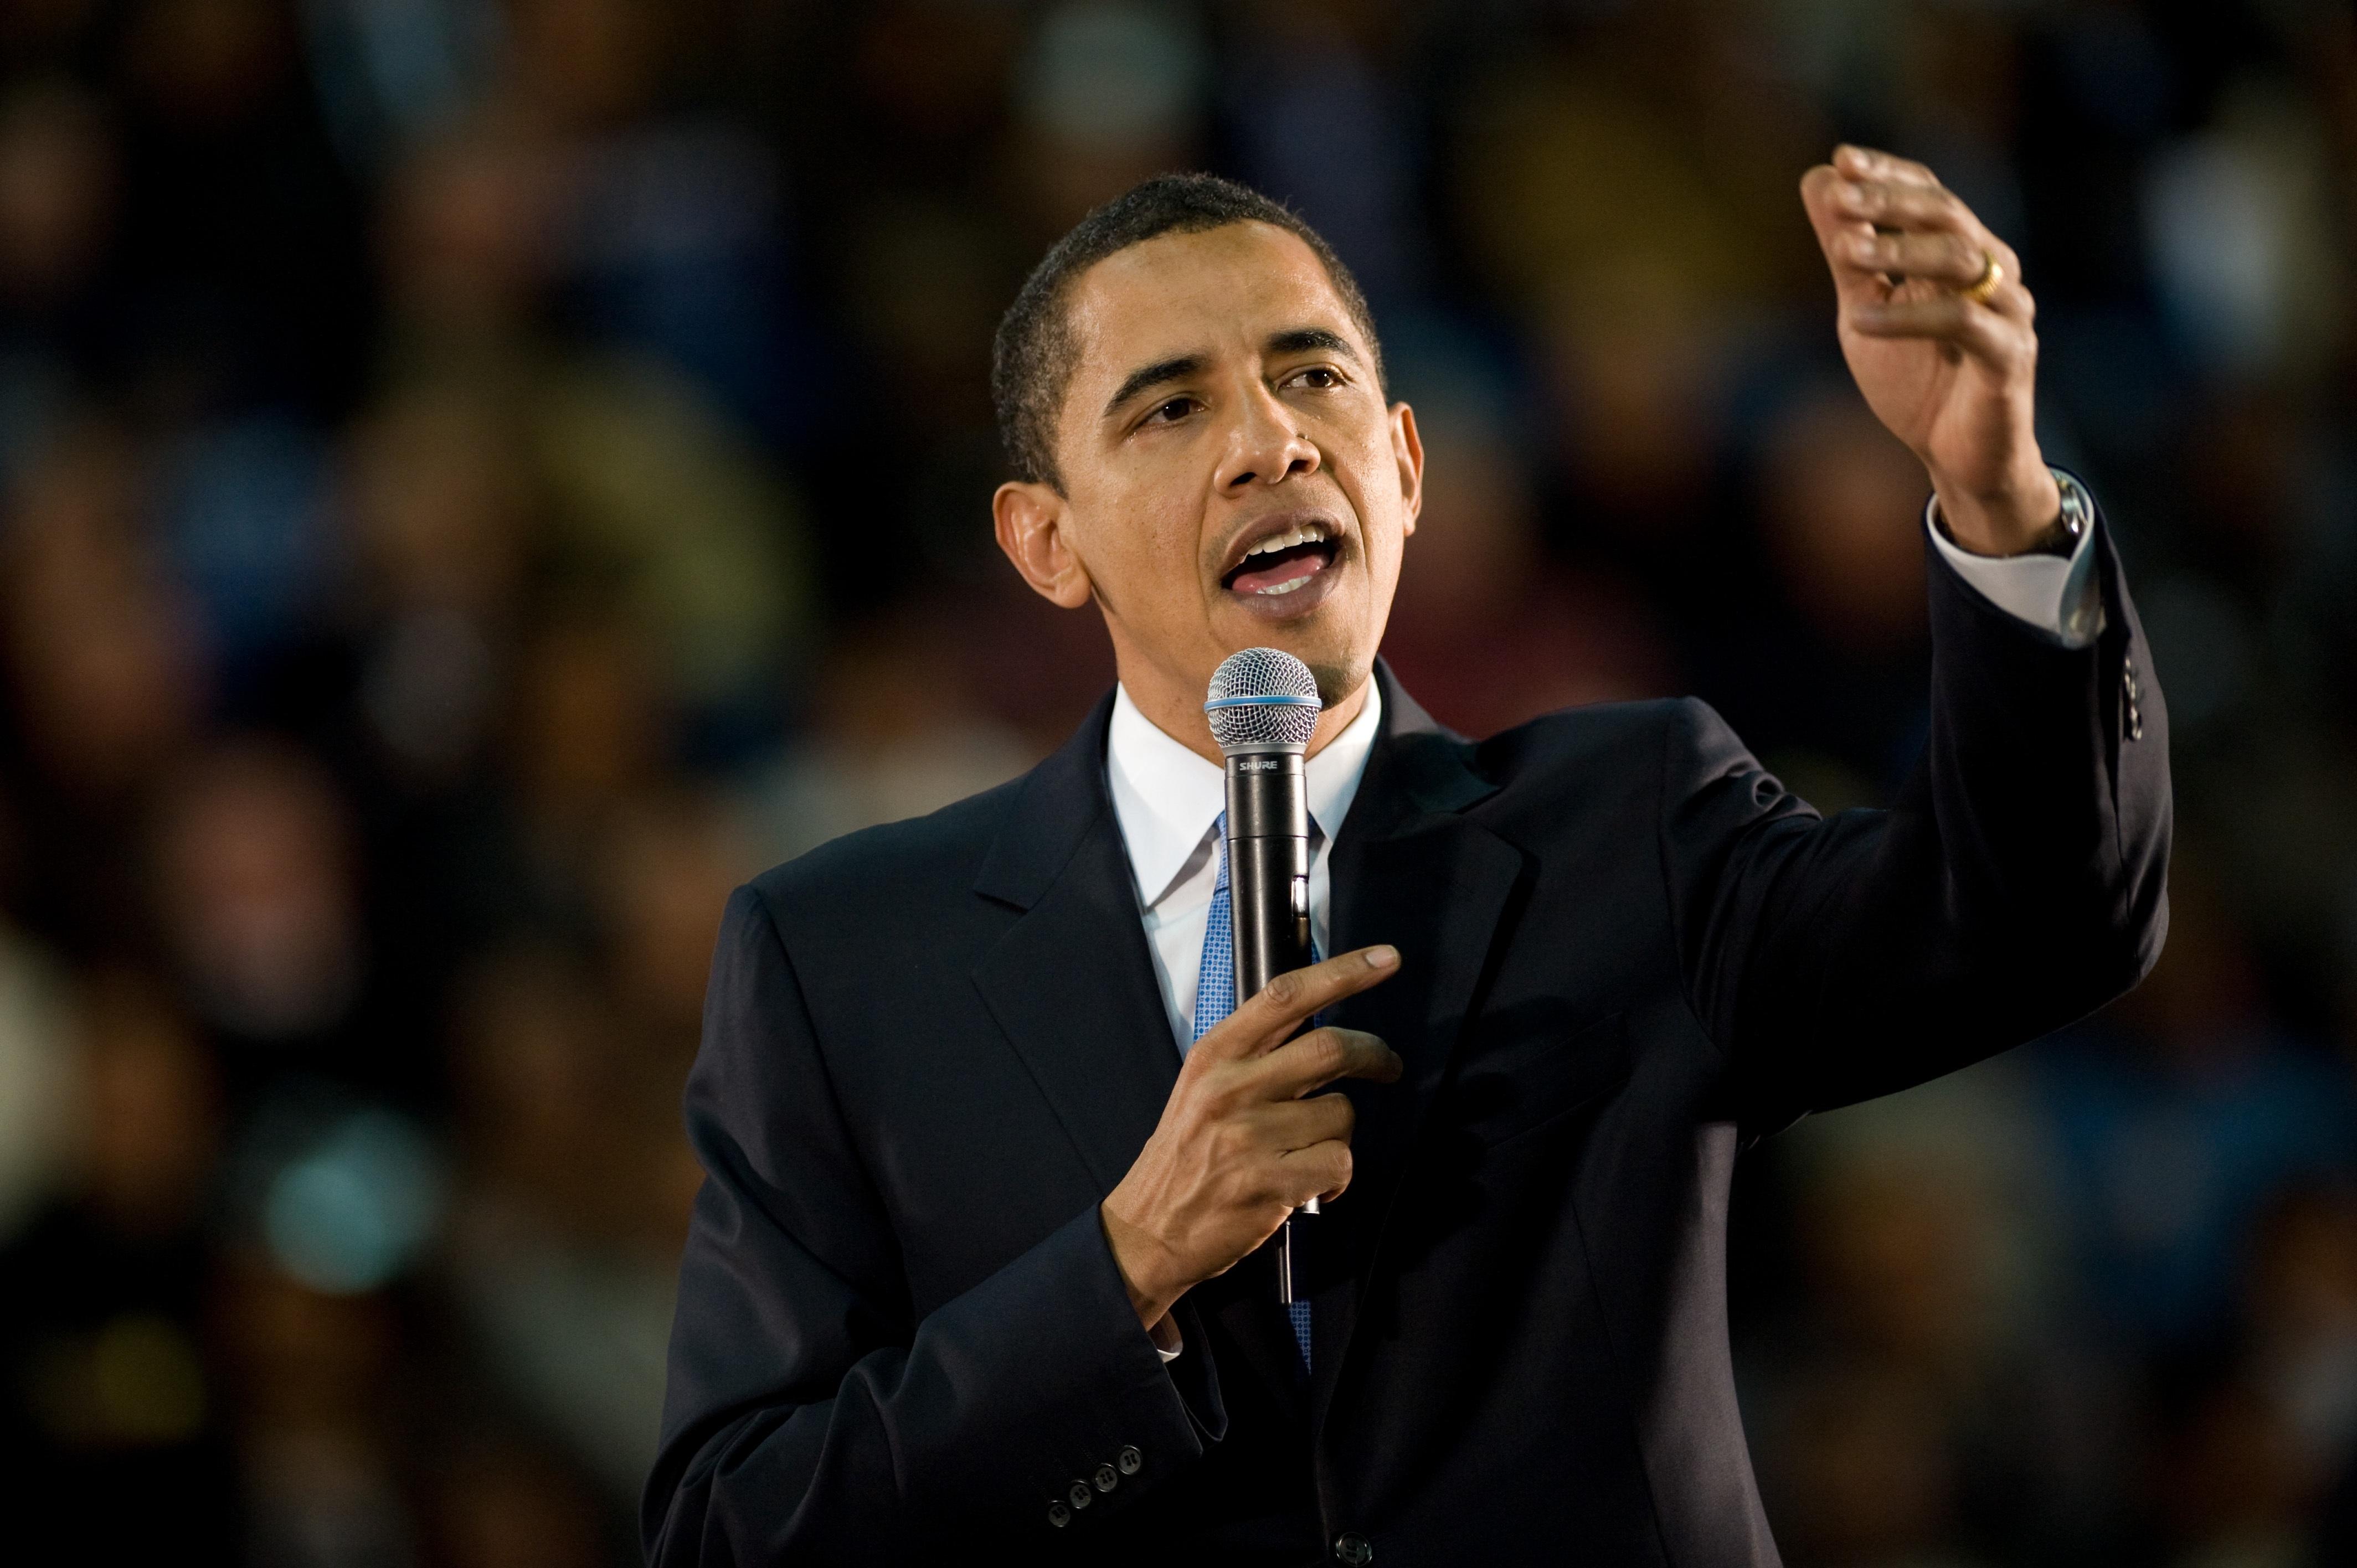 Obama Public Speaking